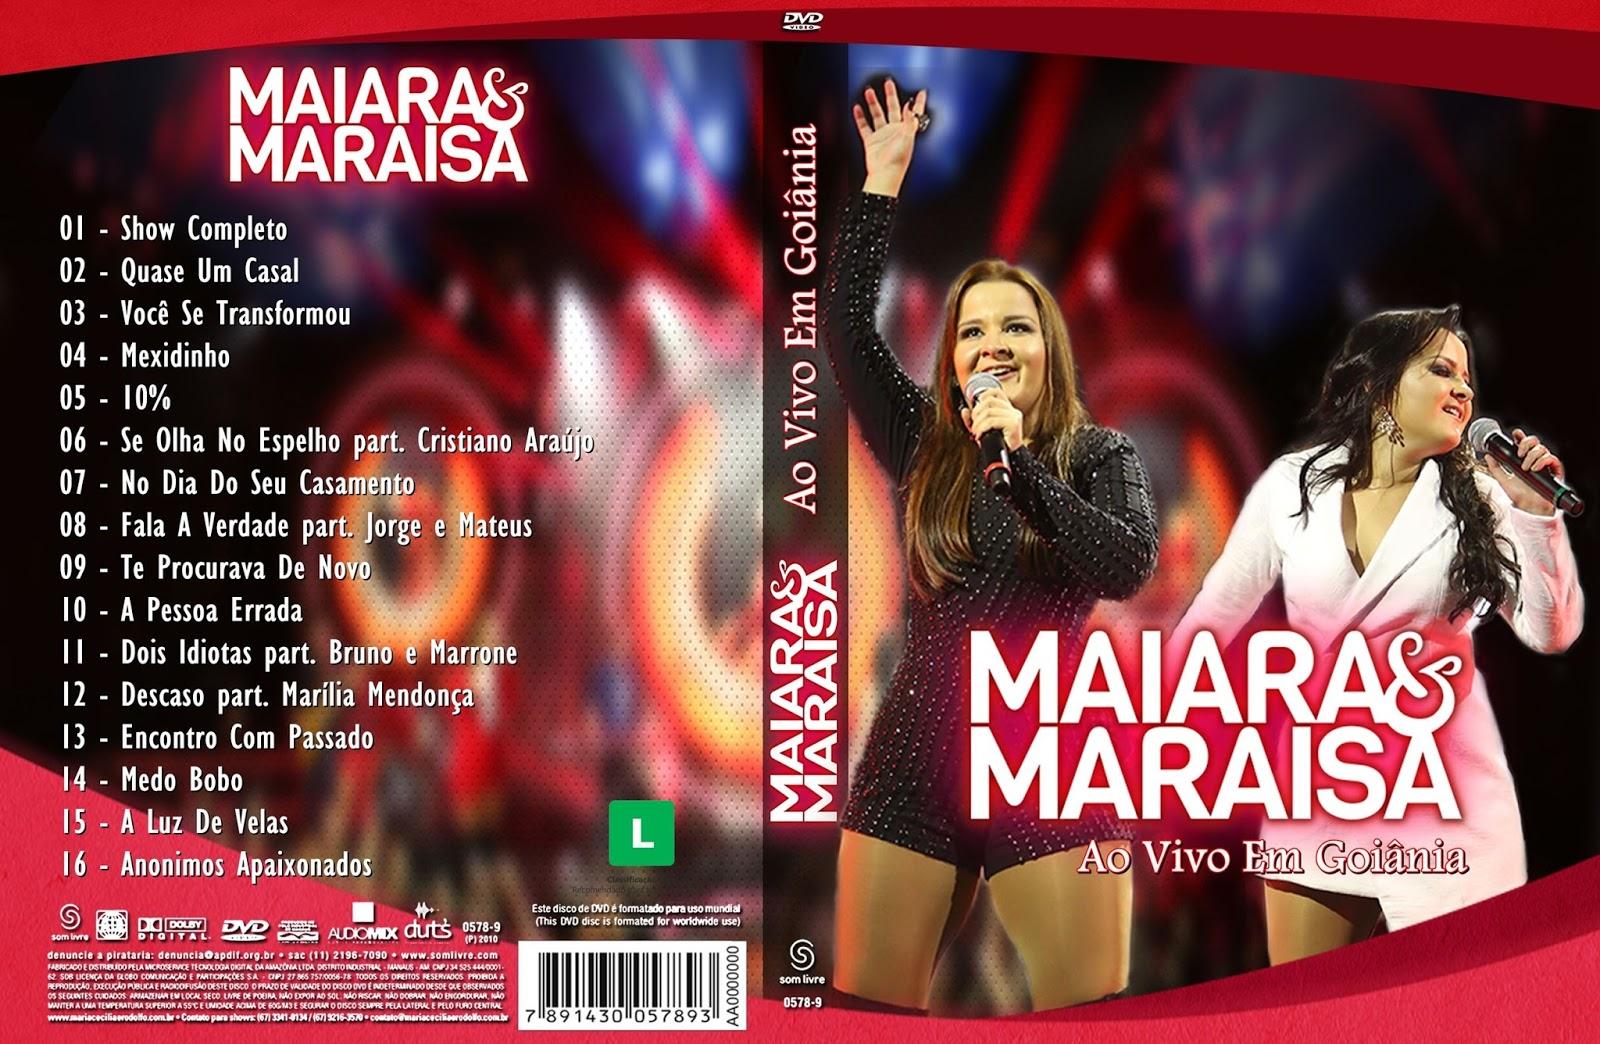 Download Maiara & Maraisa Ao Vivo Em Goiânia DVD-R Maraia 2B 2526 2BMaraisa 2B  2BAo 2BVivo 2BEm 2BGoi 25C3 25A2nia